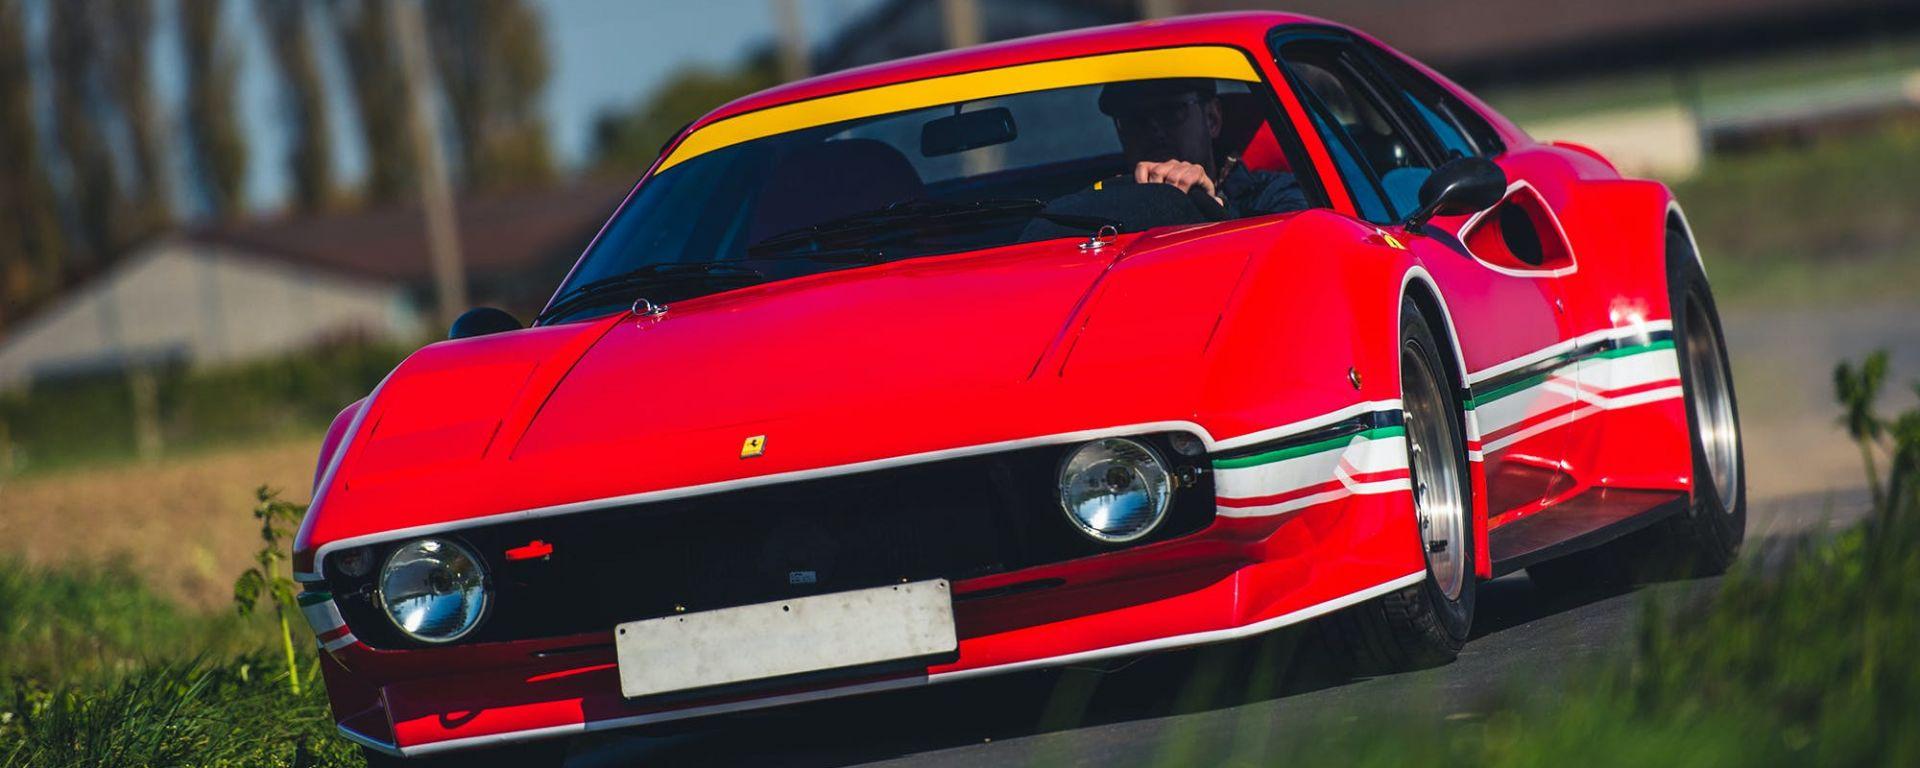 Ferrari 308 GTB LM Evocation, dettaglio delle nuove luci frontali